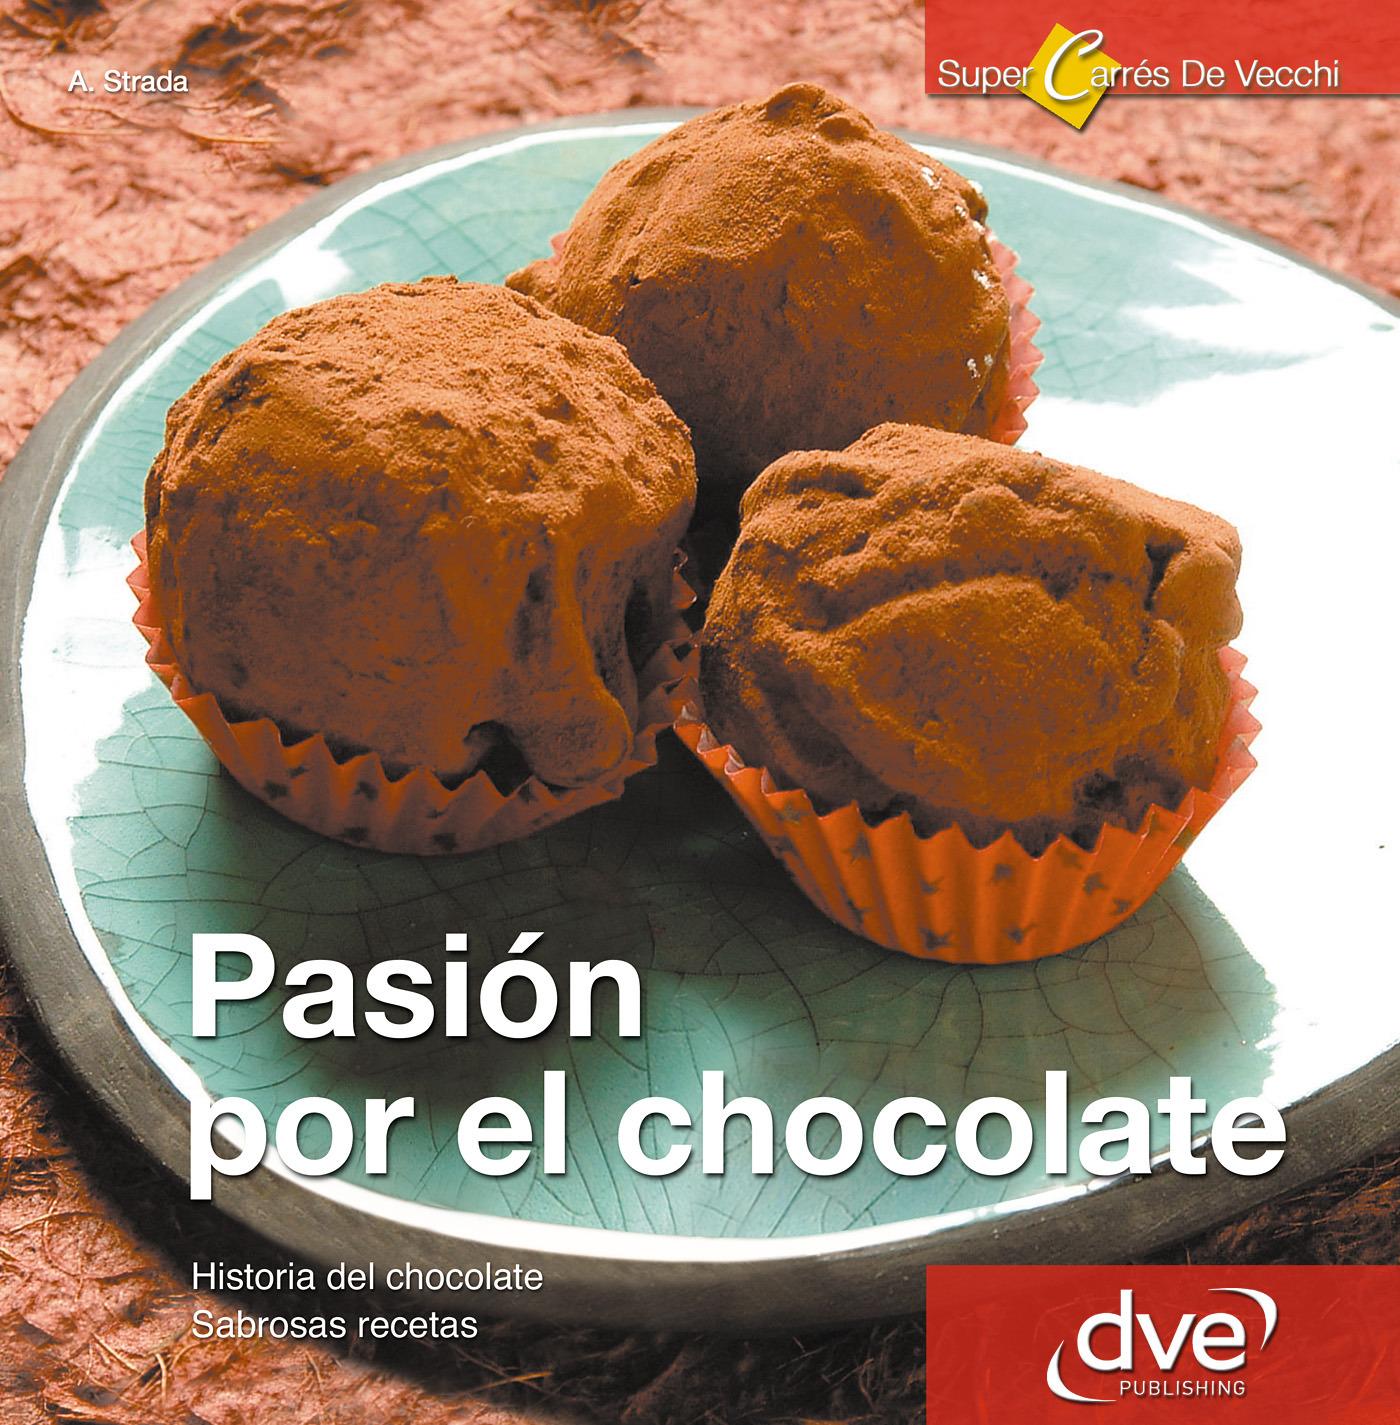 Strada, Annalisa - Pasión por el Chocolate. Historia del chocolate. Sabrosas recetas, ebook